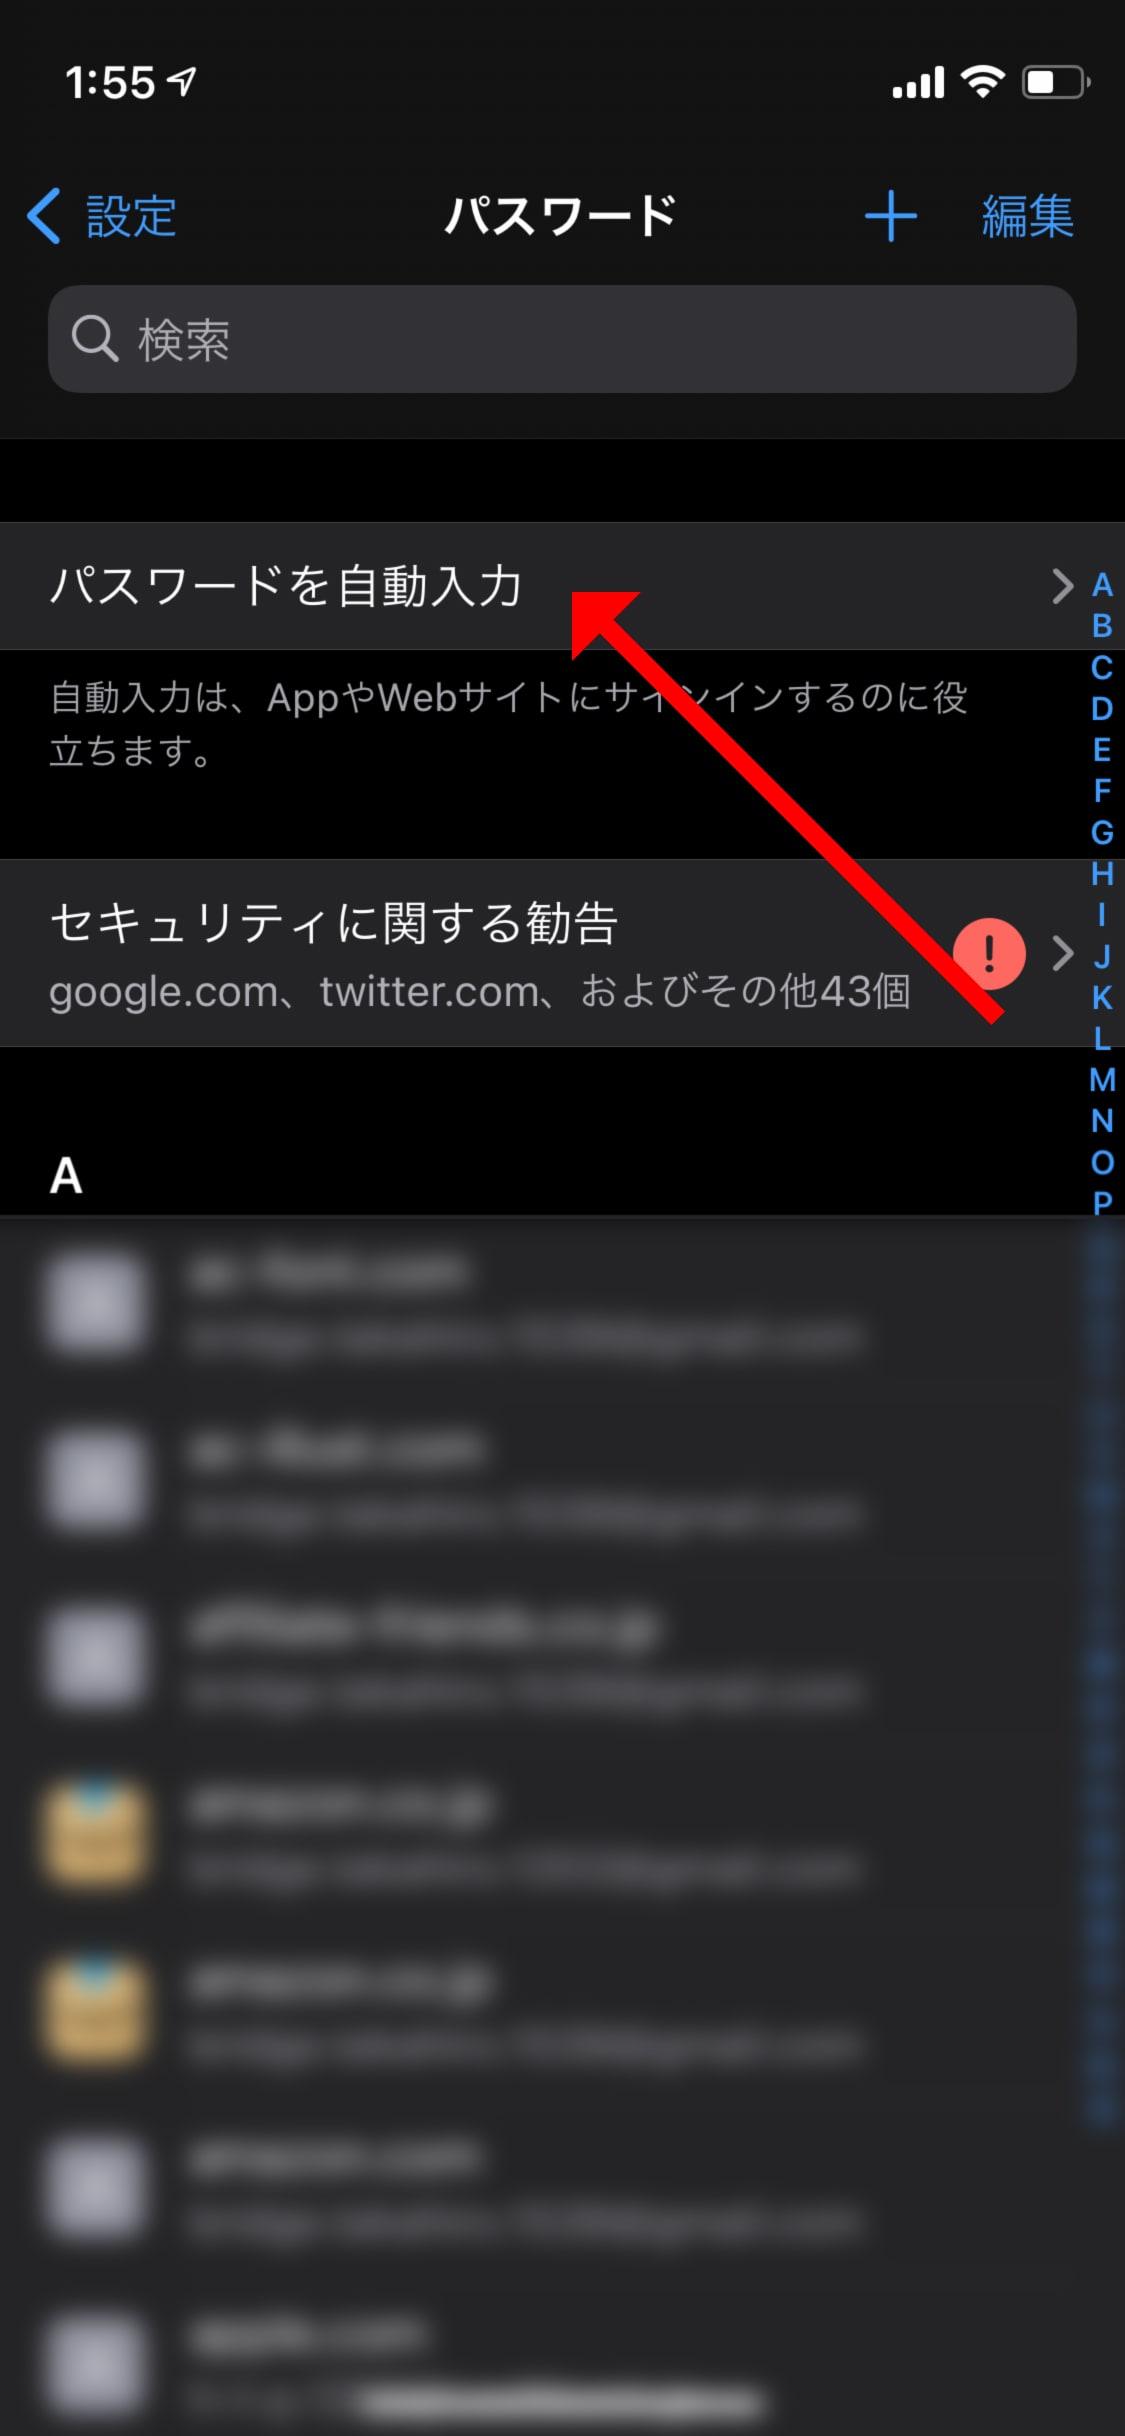 ログイン時に1Passwordを参照するようにiPhoneの設定を変更